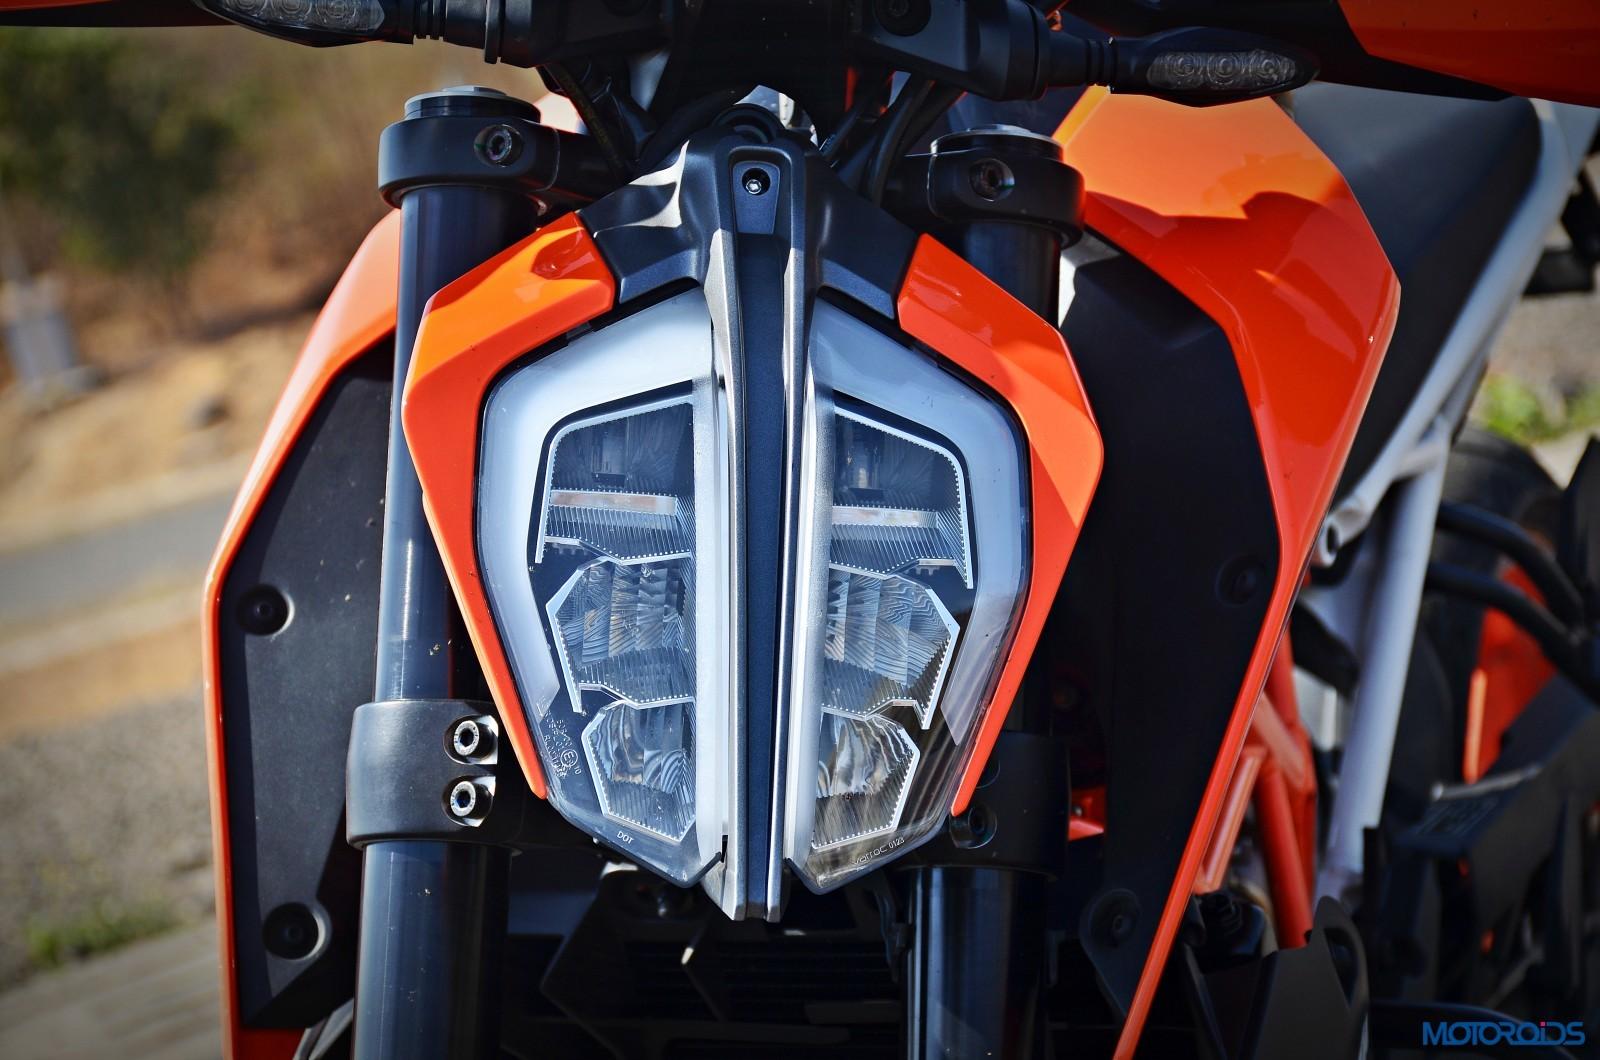 2017 Ktm 390 Duke Recalled Over Led Headlight Issue